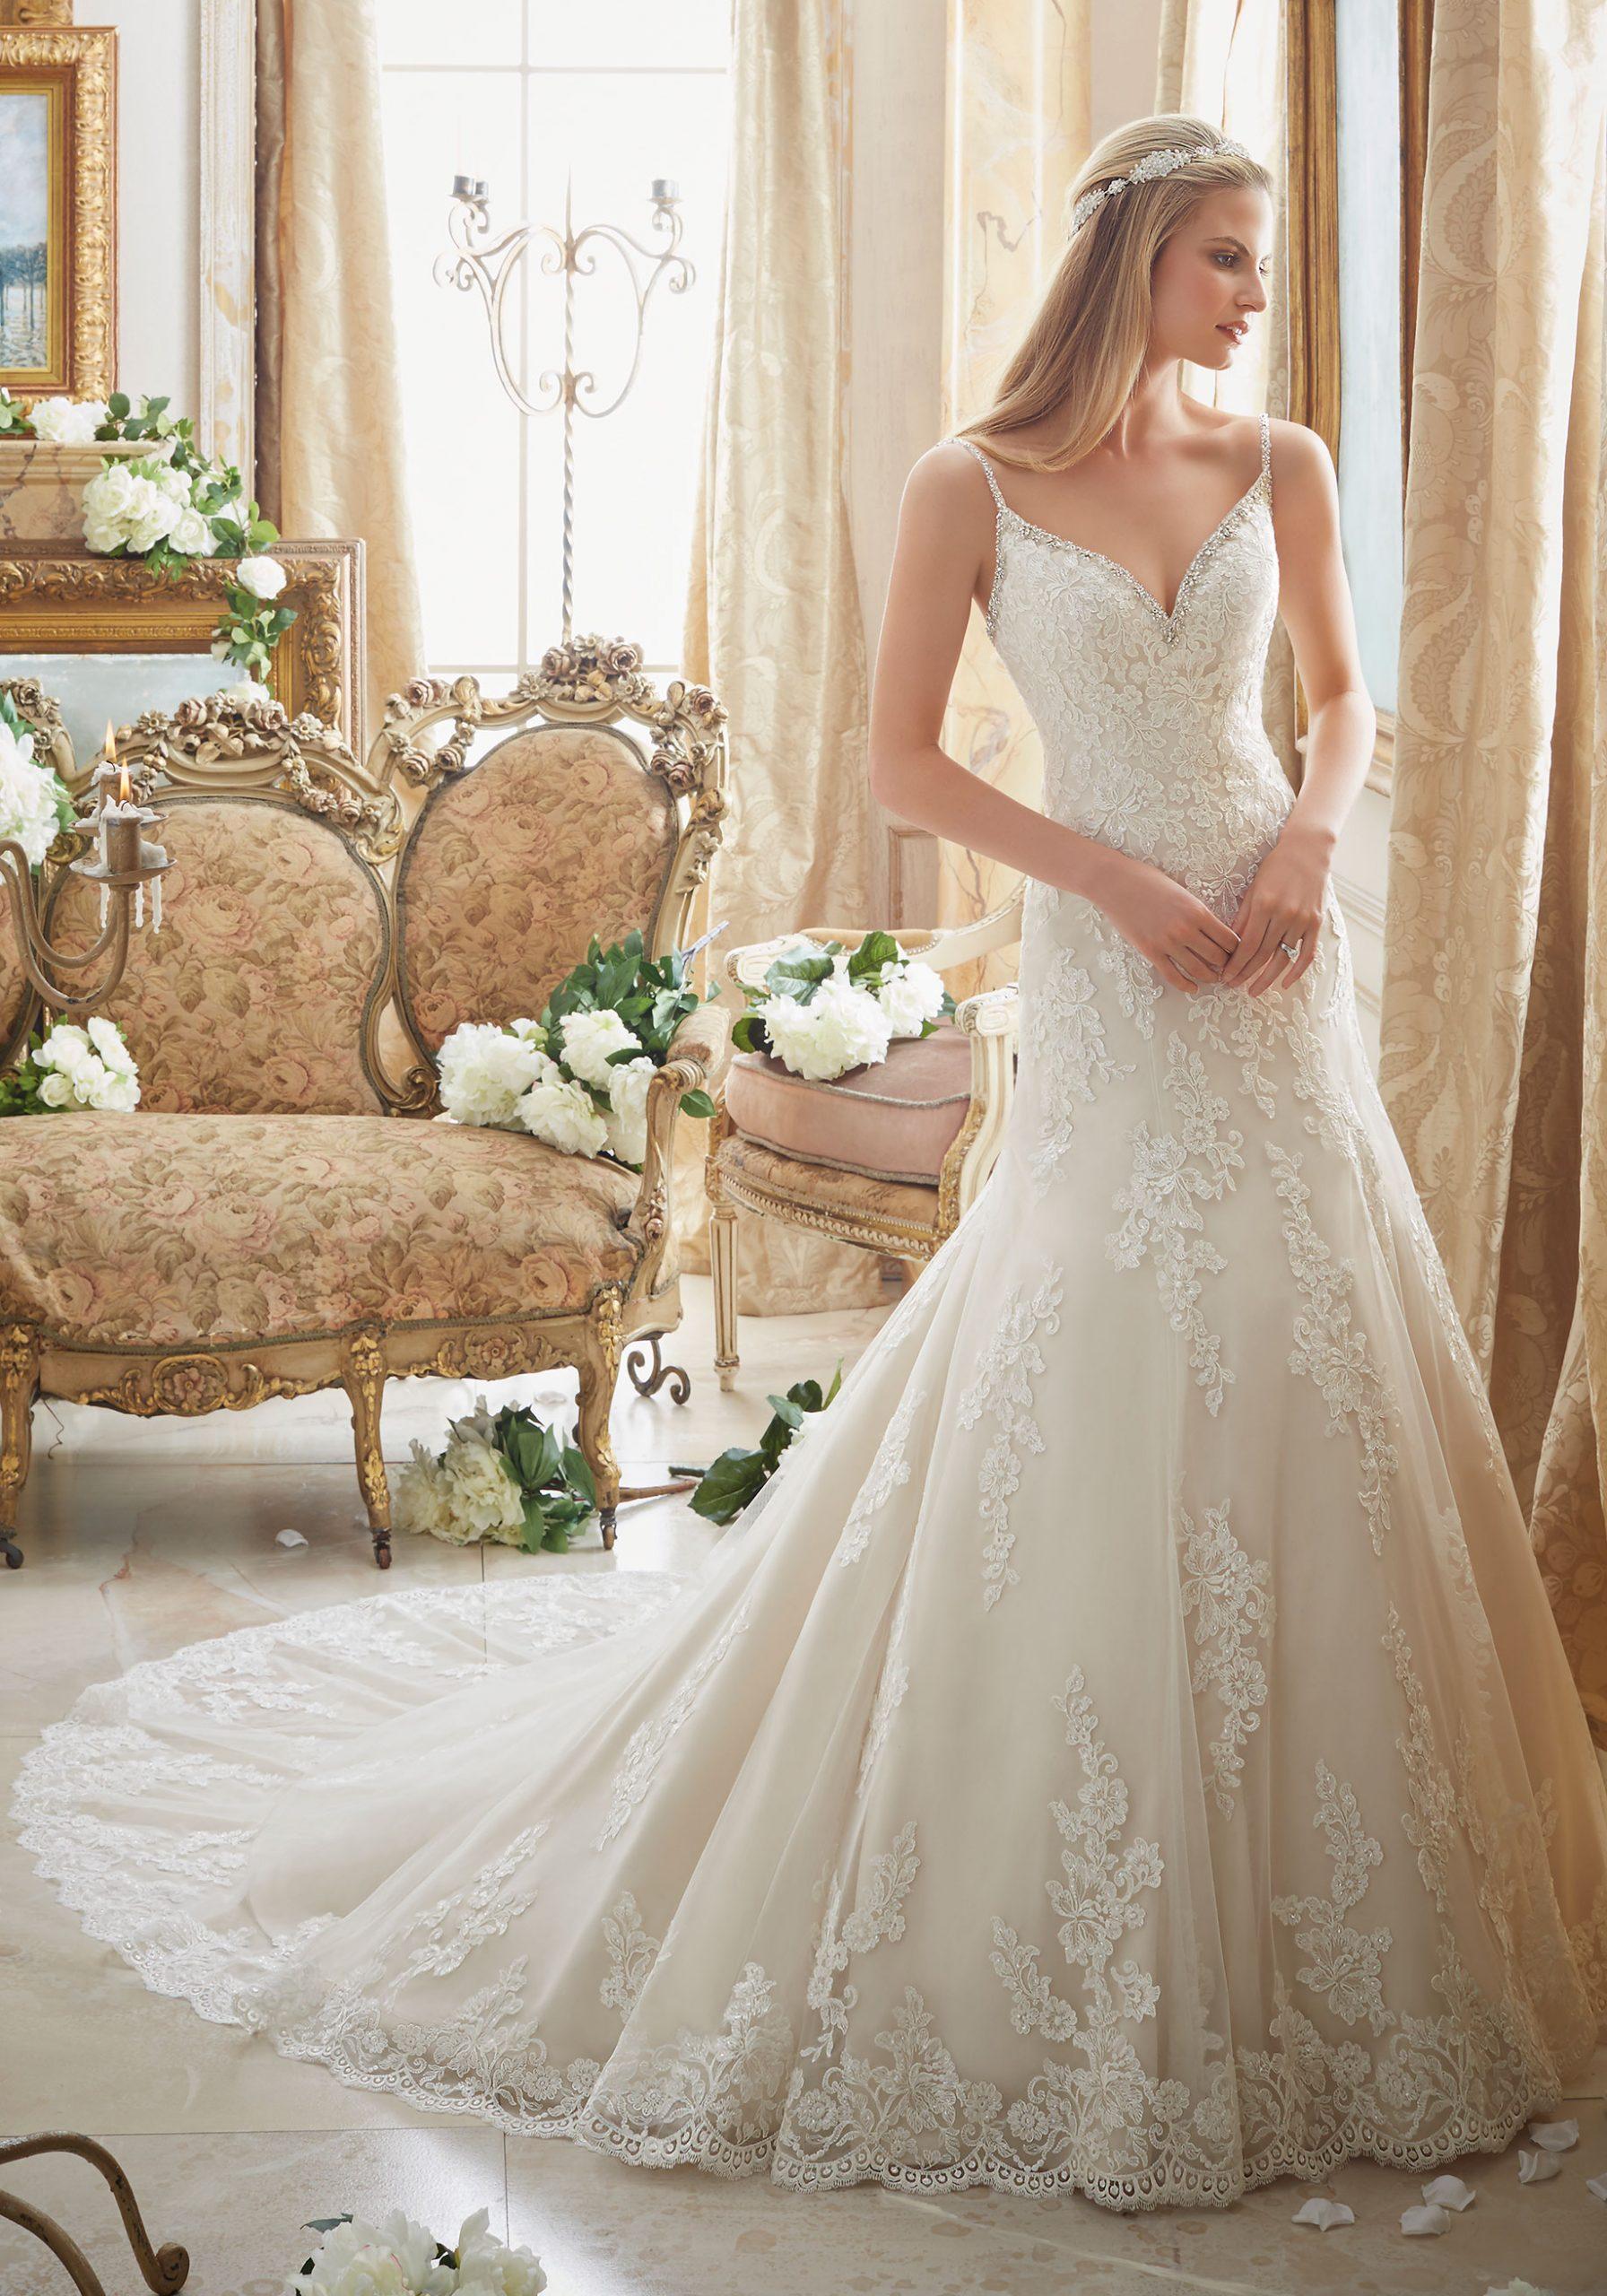 Vjenčanice 'Ljubav'